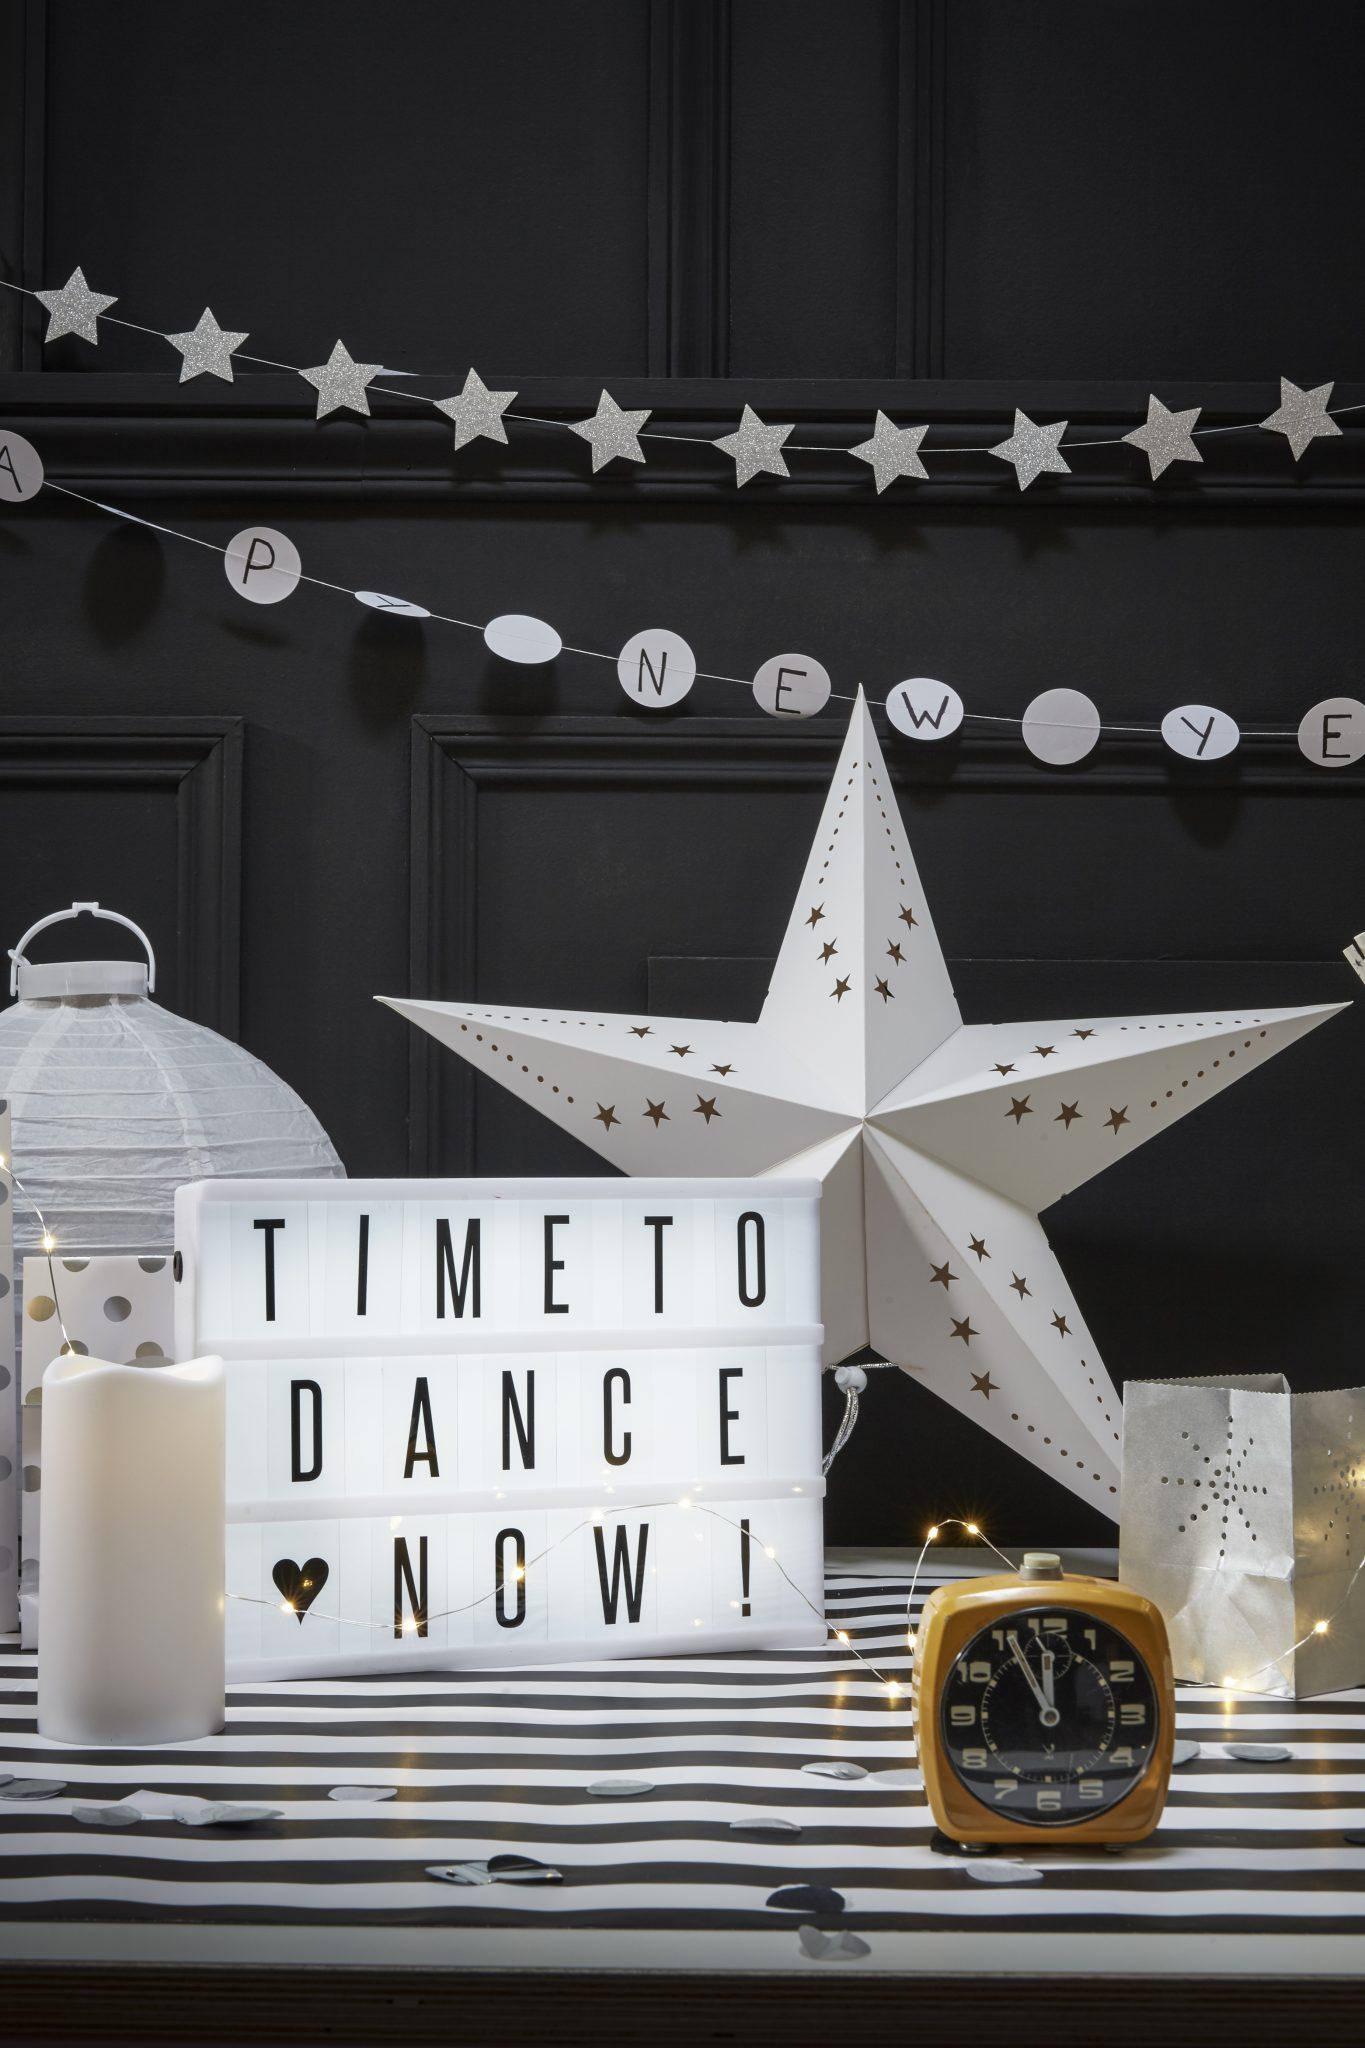 lightbox déco nouvel an saint sylvestre noir blanc idées inspiration